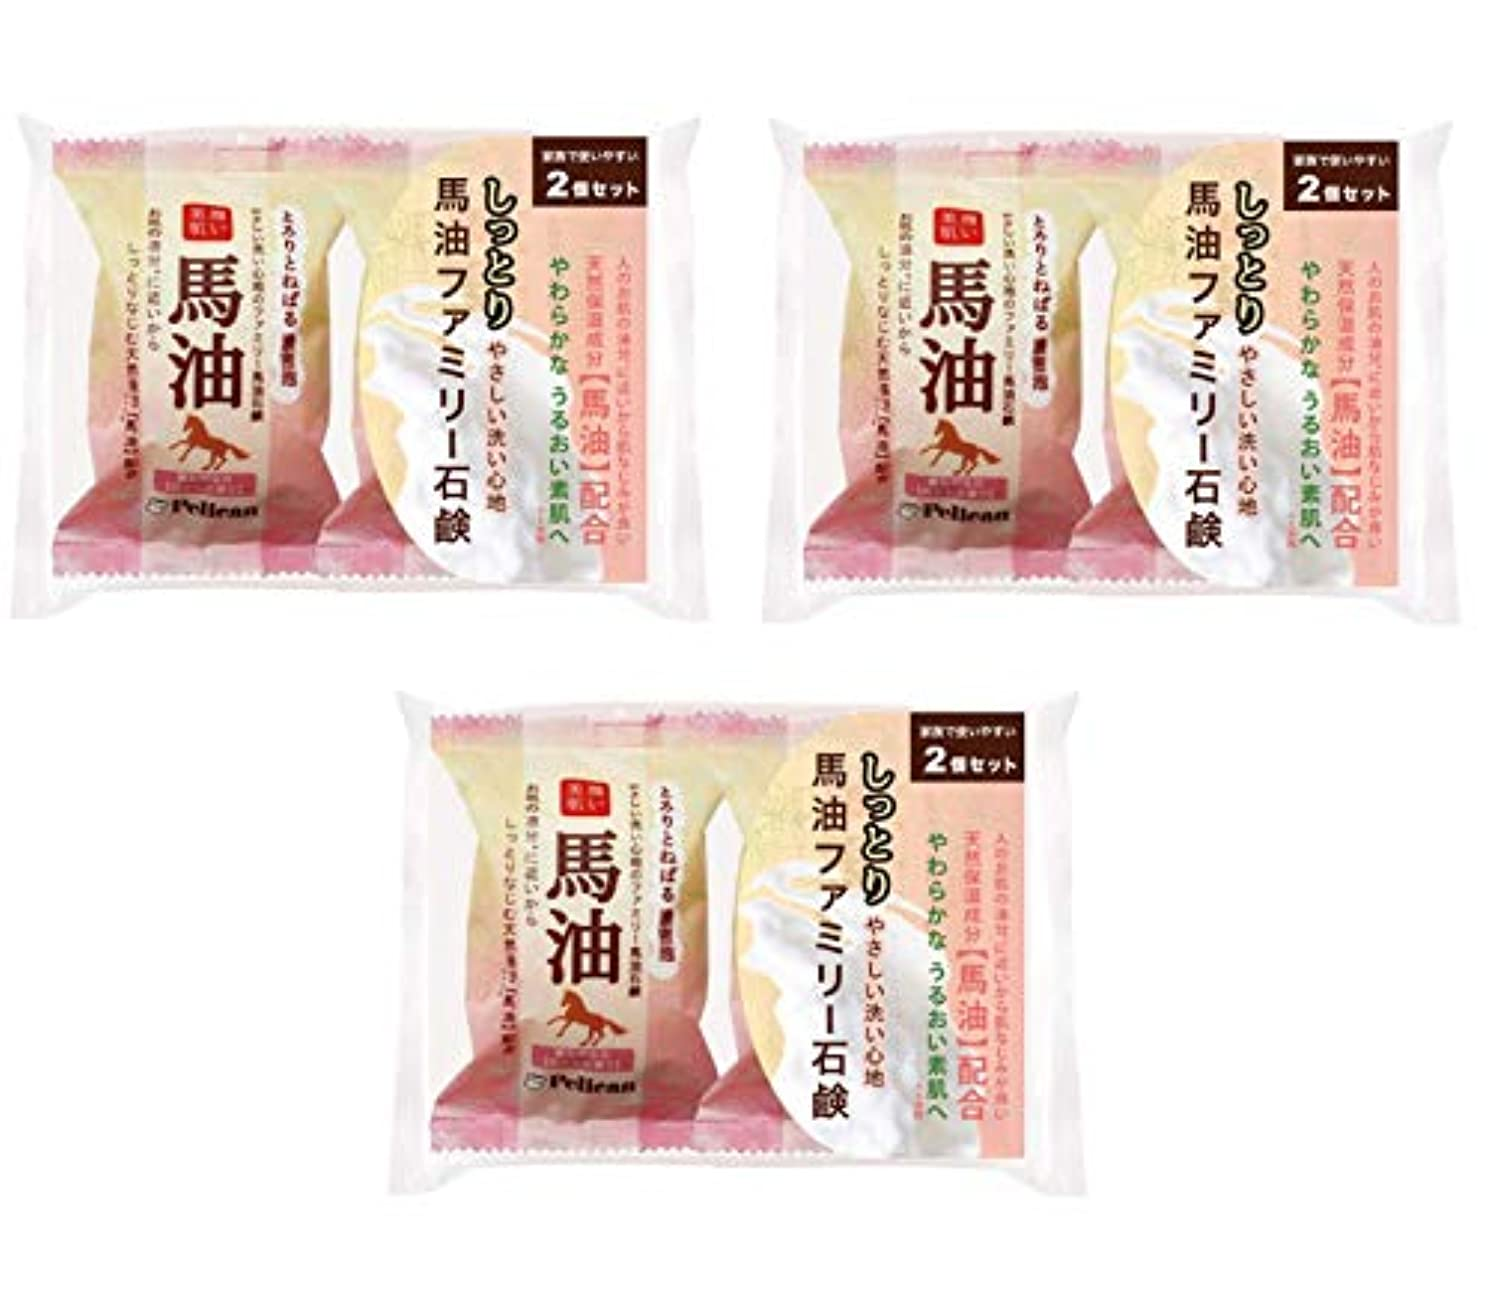 一致鋭くジョセフバンクス【まとめ買い】ペリカン石鹸 ファミリー 馬油石鹸 2P ×3個セット